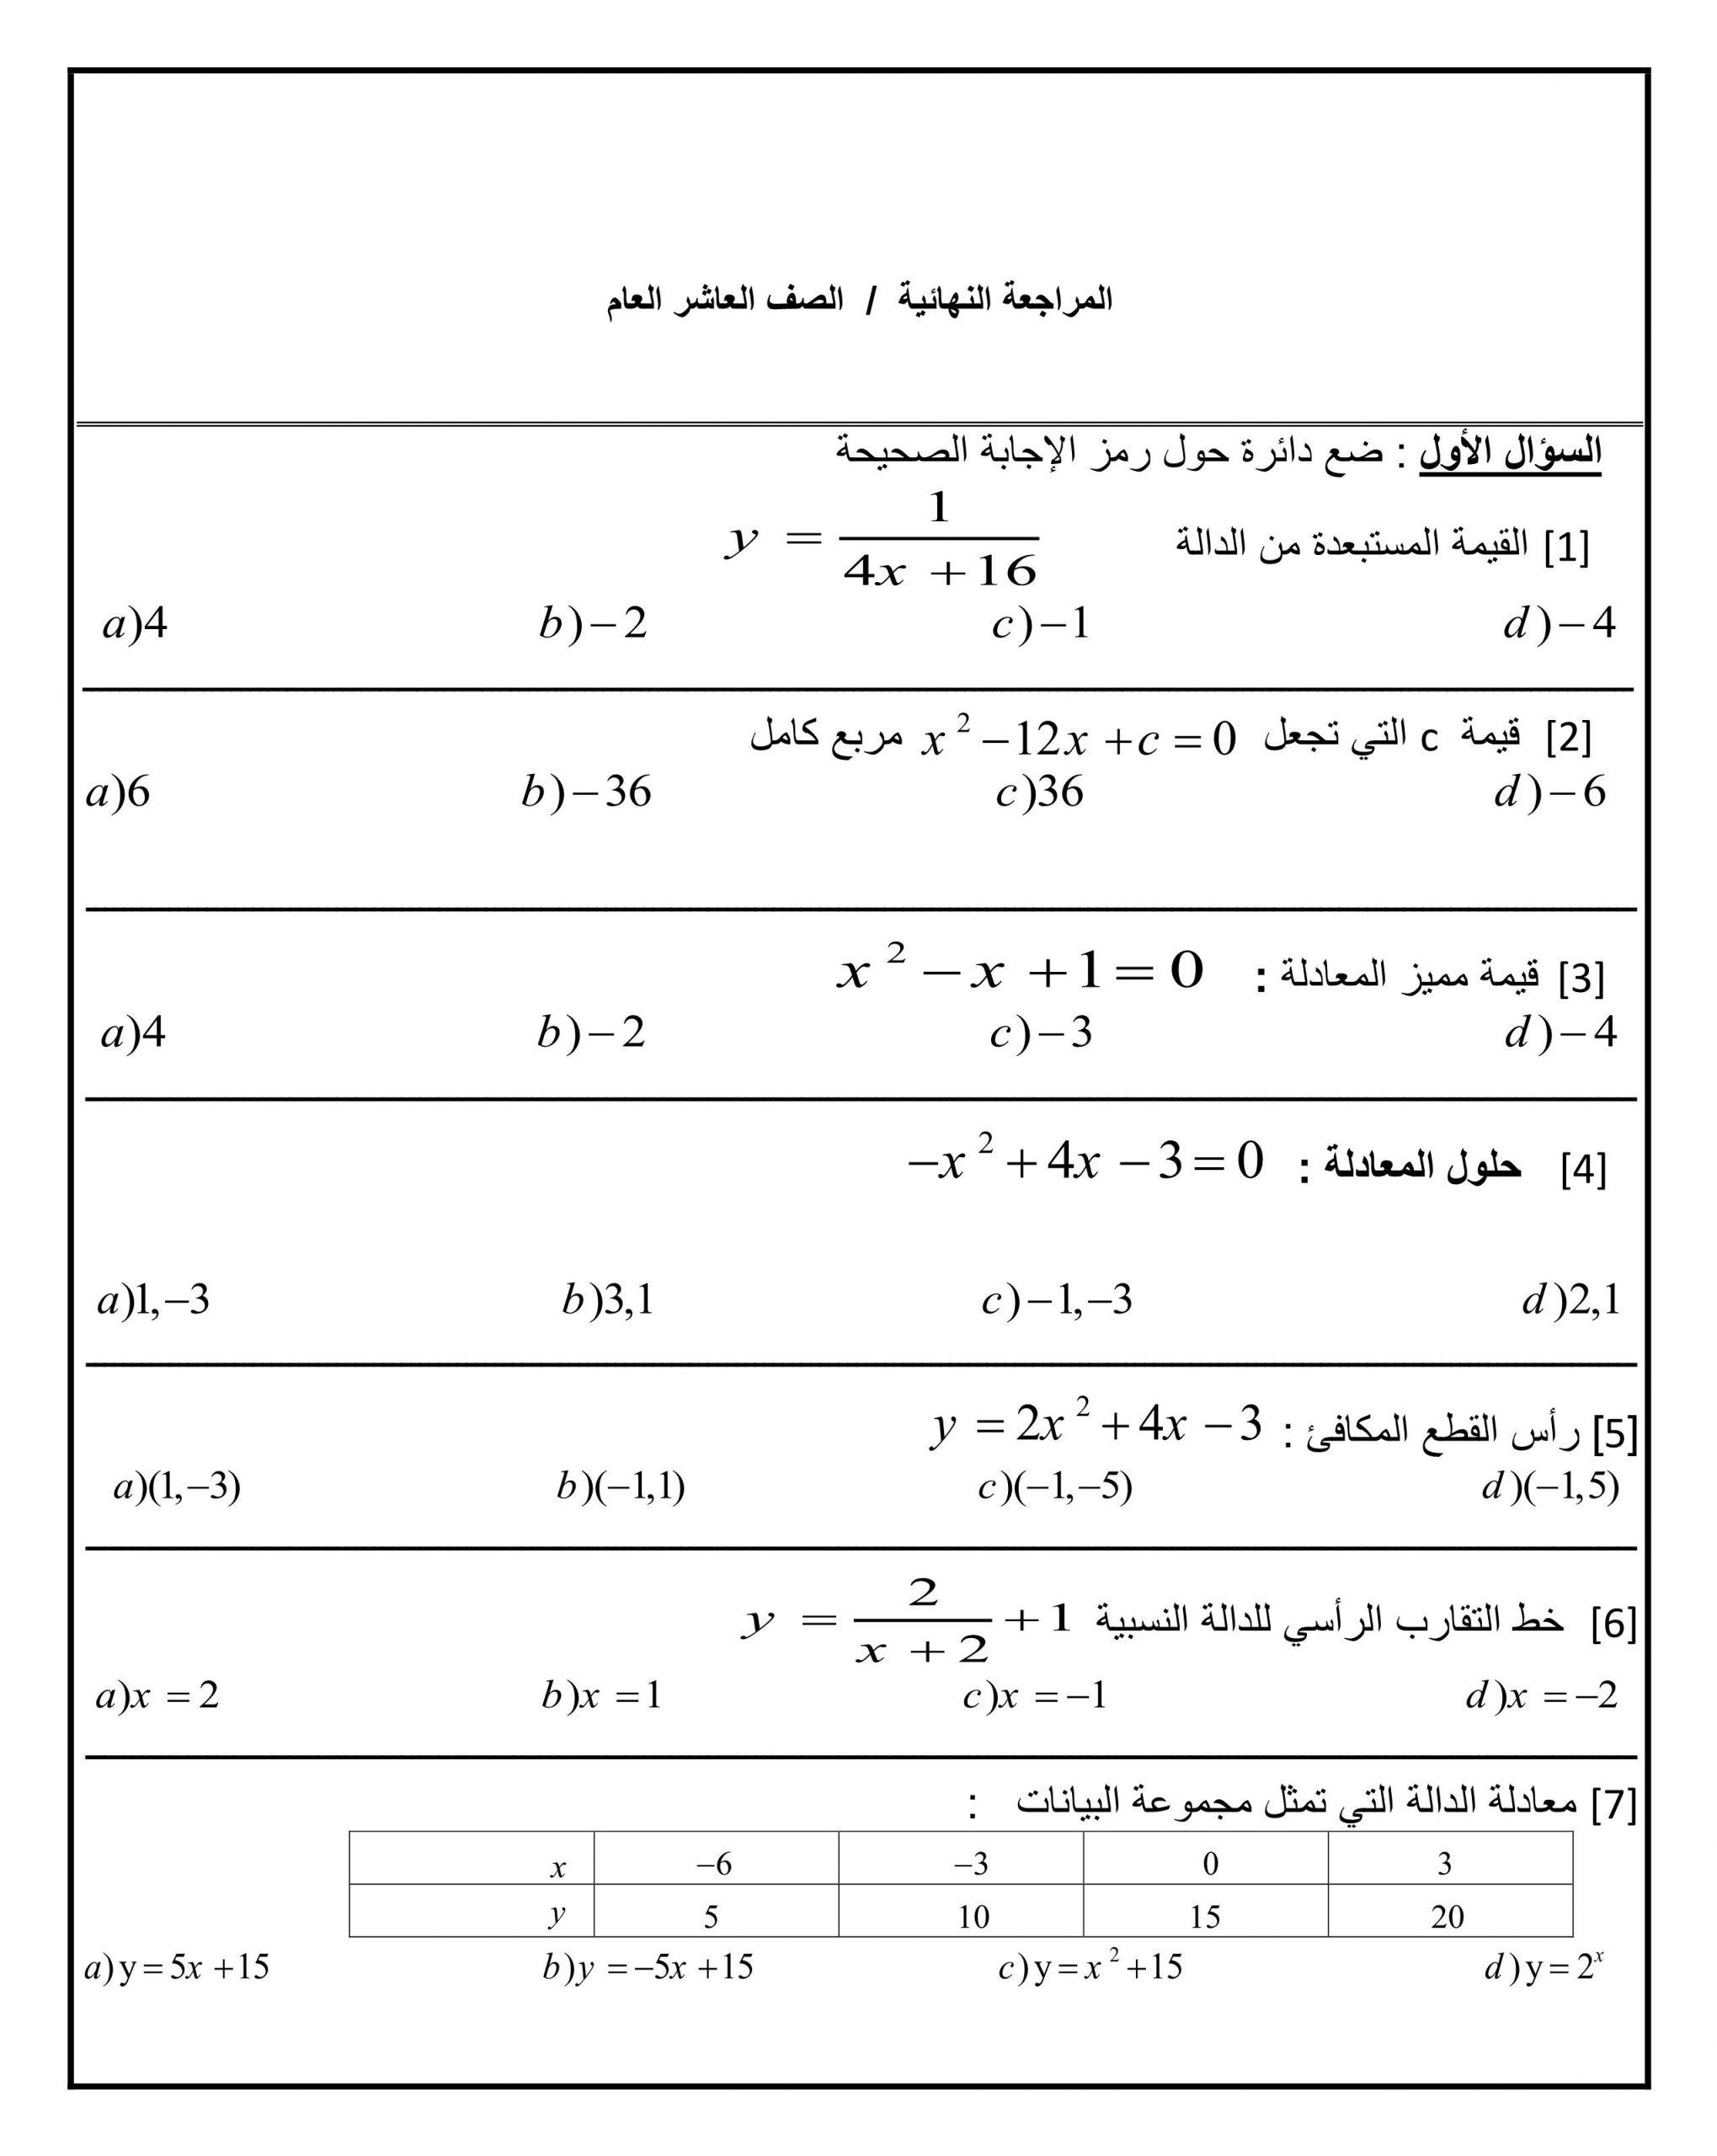 اوراق عمل مراجعة نهائية الصف العاشر مادة الرياضيات المتكاملة